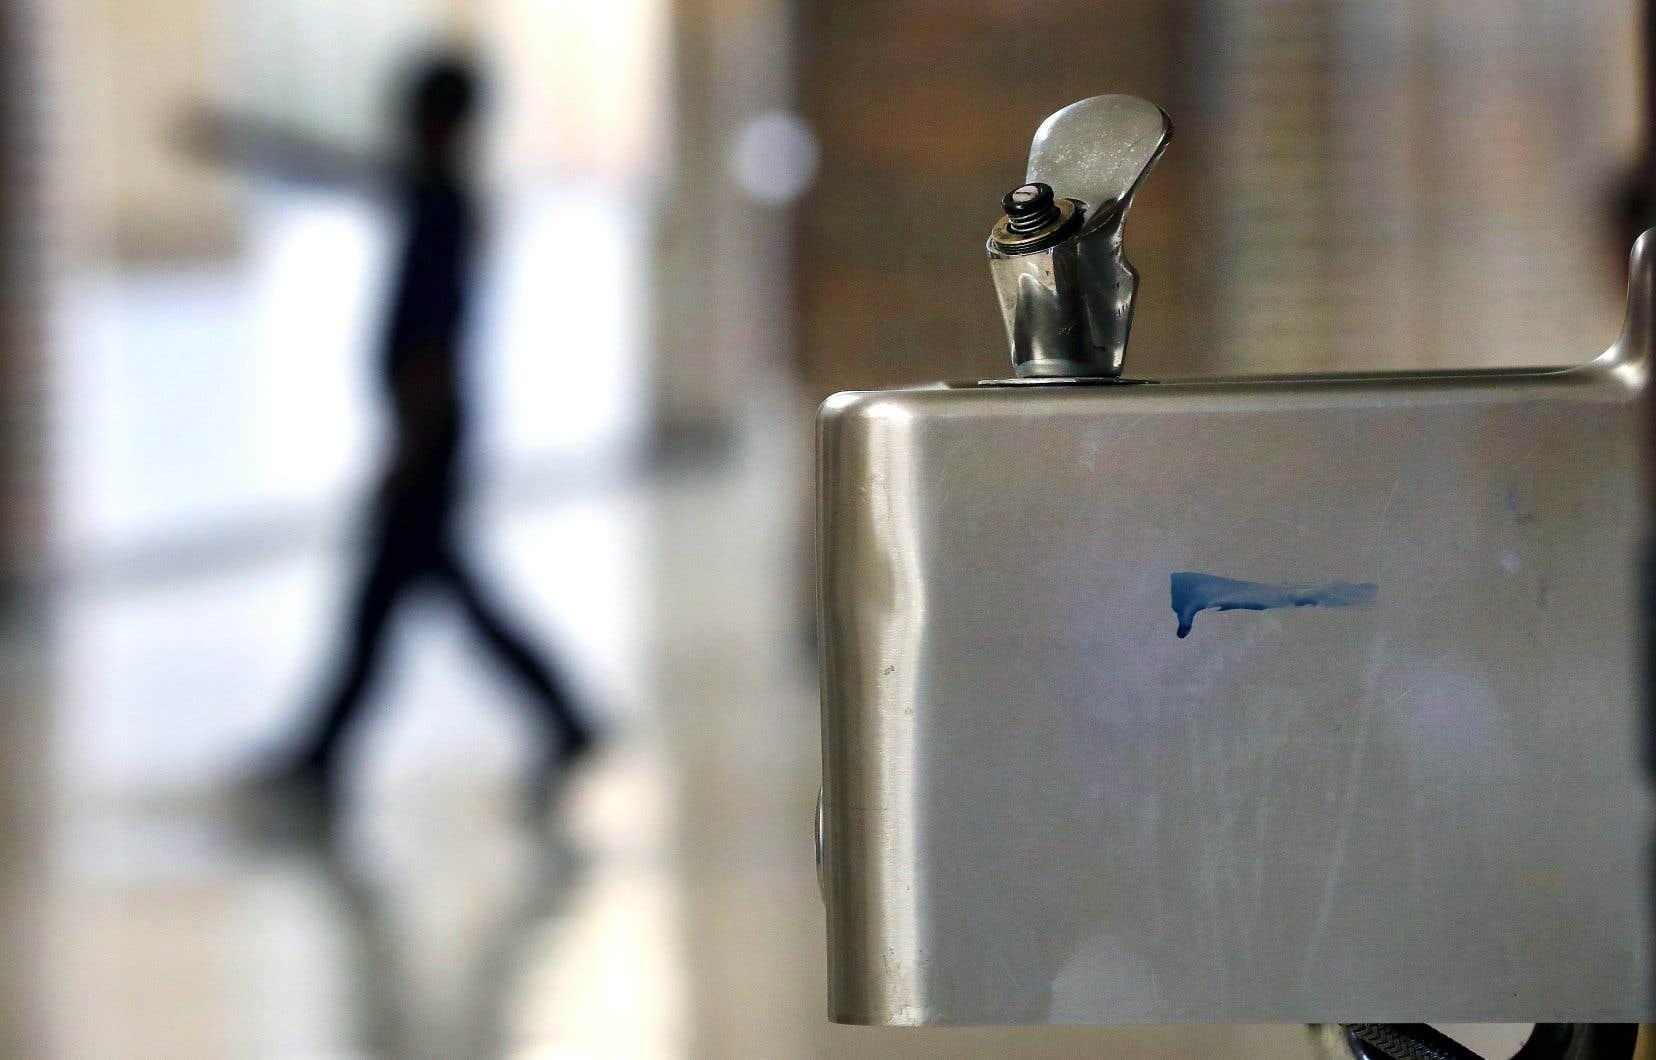 L'été dernier, le Yukon a lancé un programme pour prélever des échantillons de toutes les fontaines et de tous les robinets des écoles construites avant 1990, afin d'en remplacer et d'en refaire 162 au total.